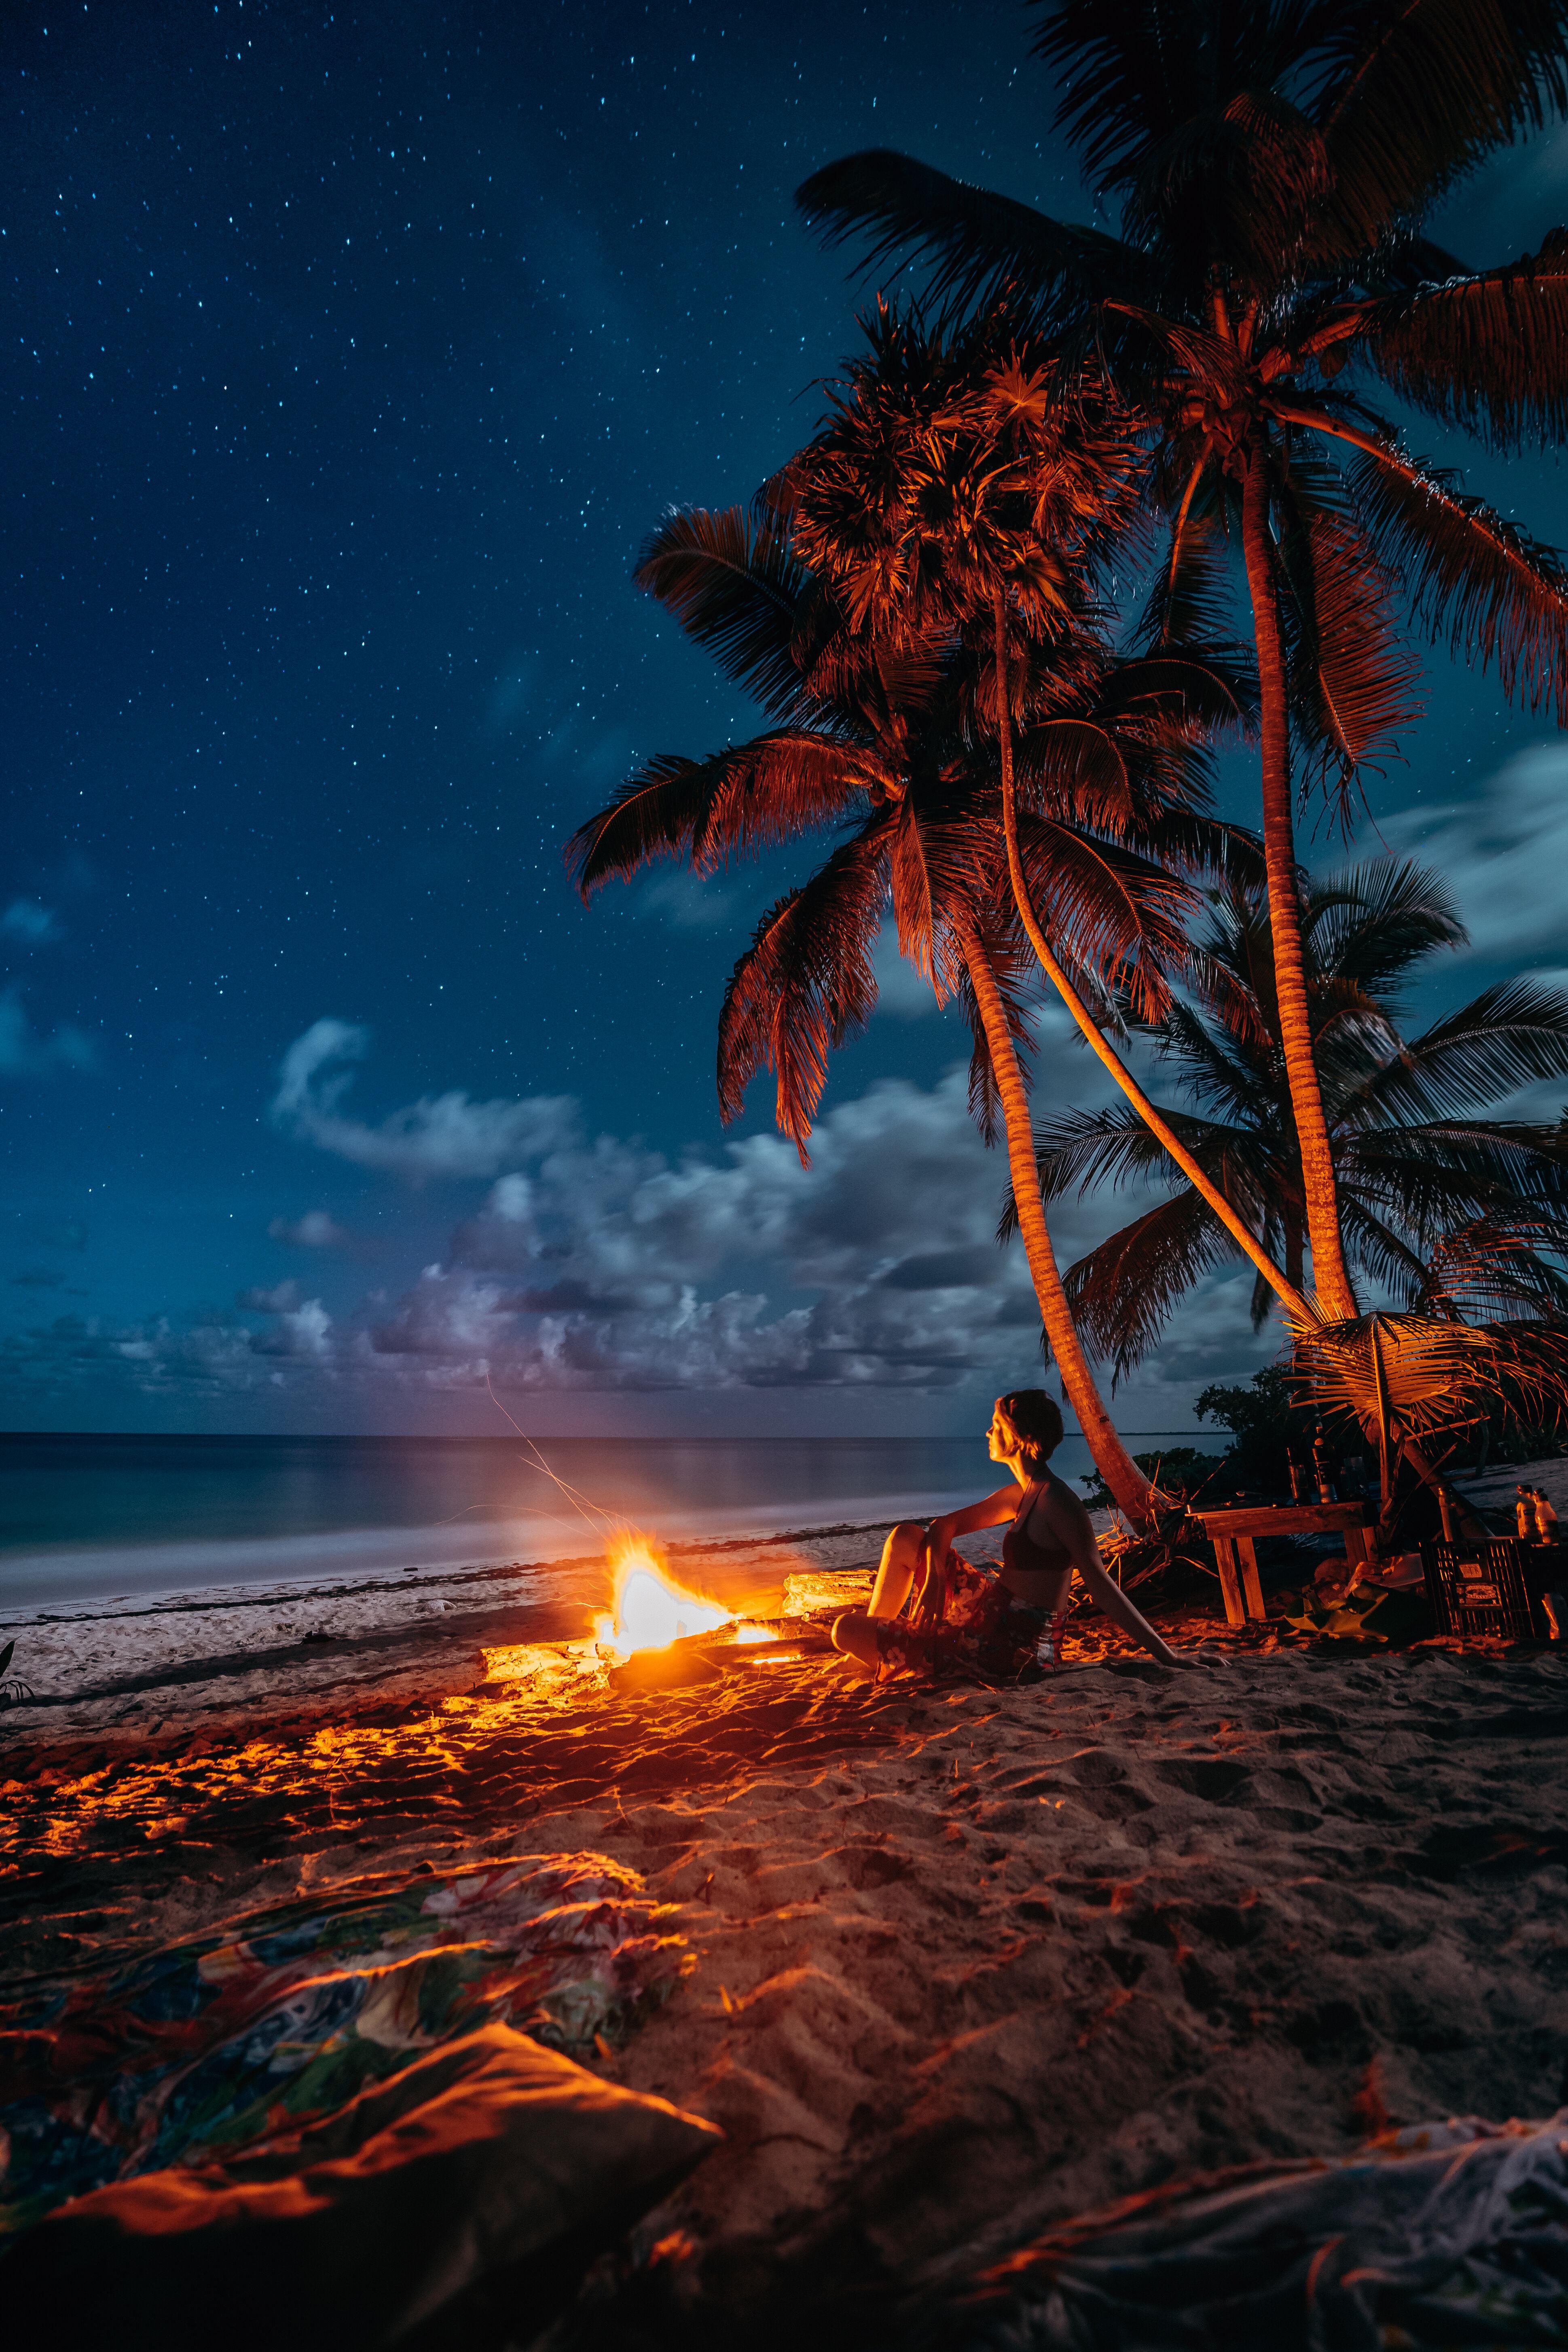 A night on the beach l Tulum